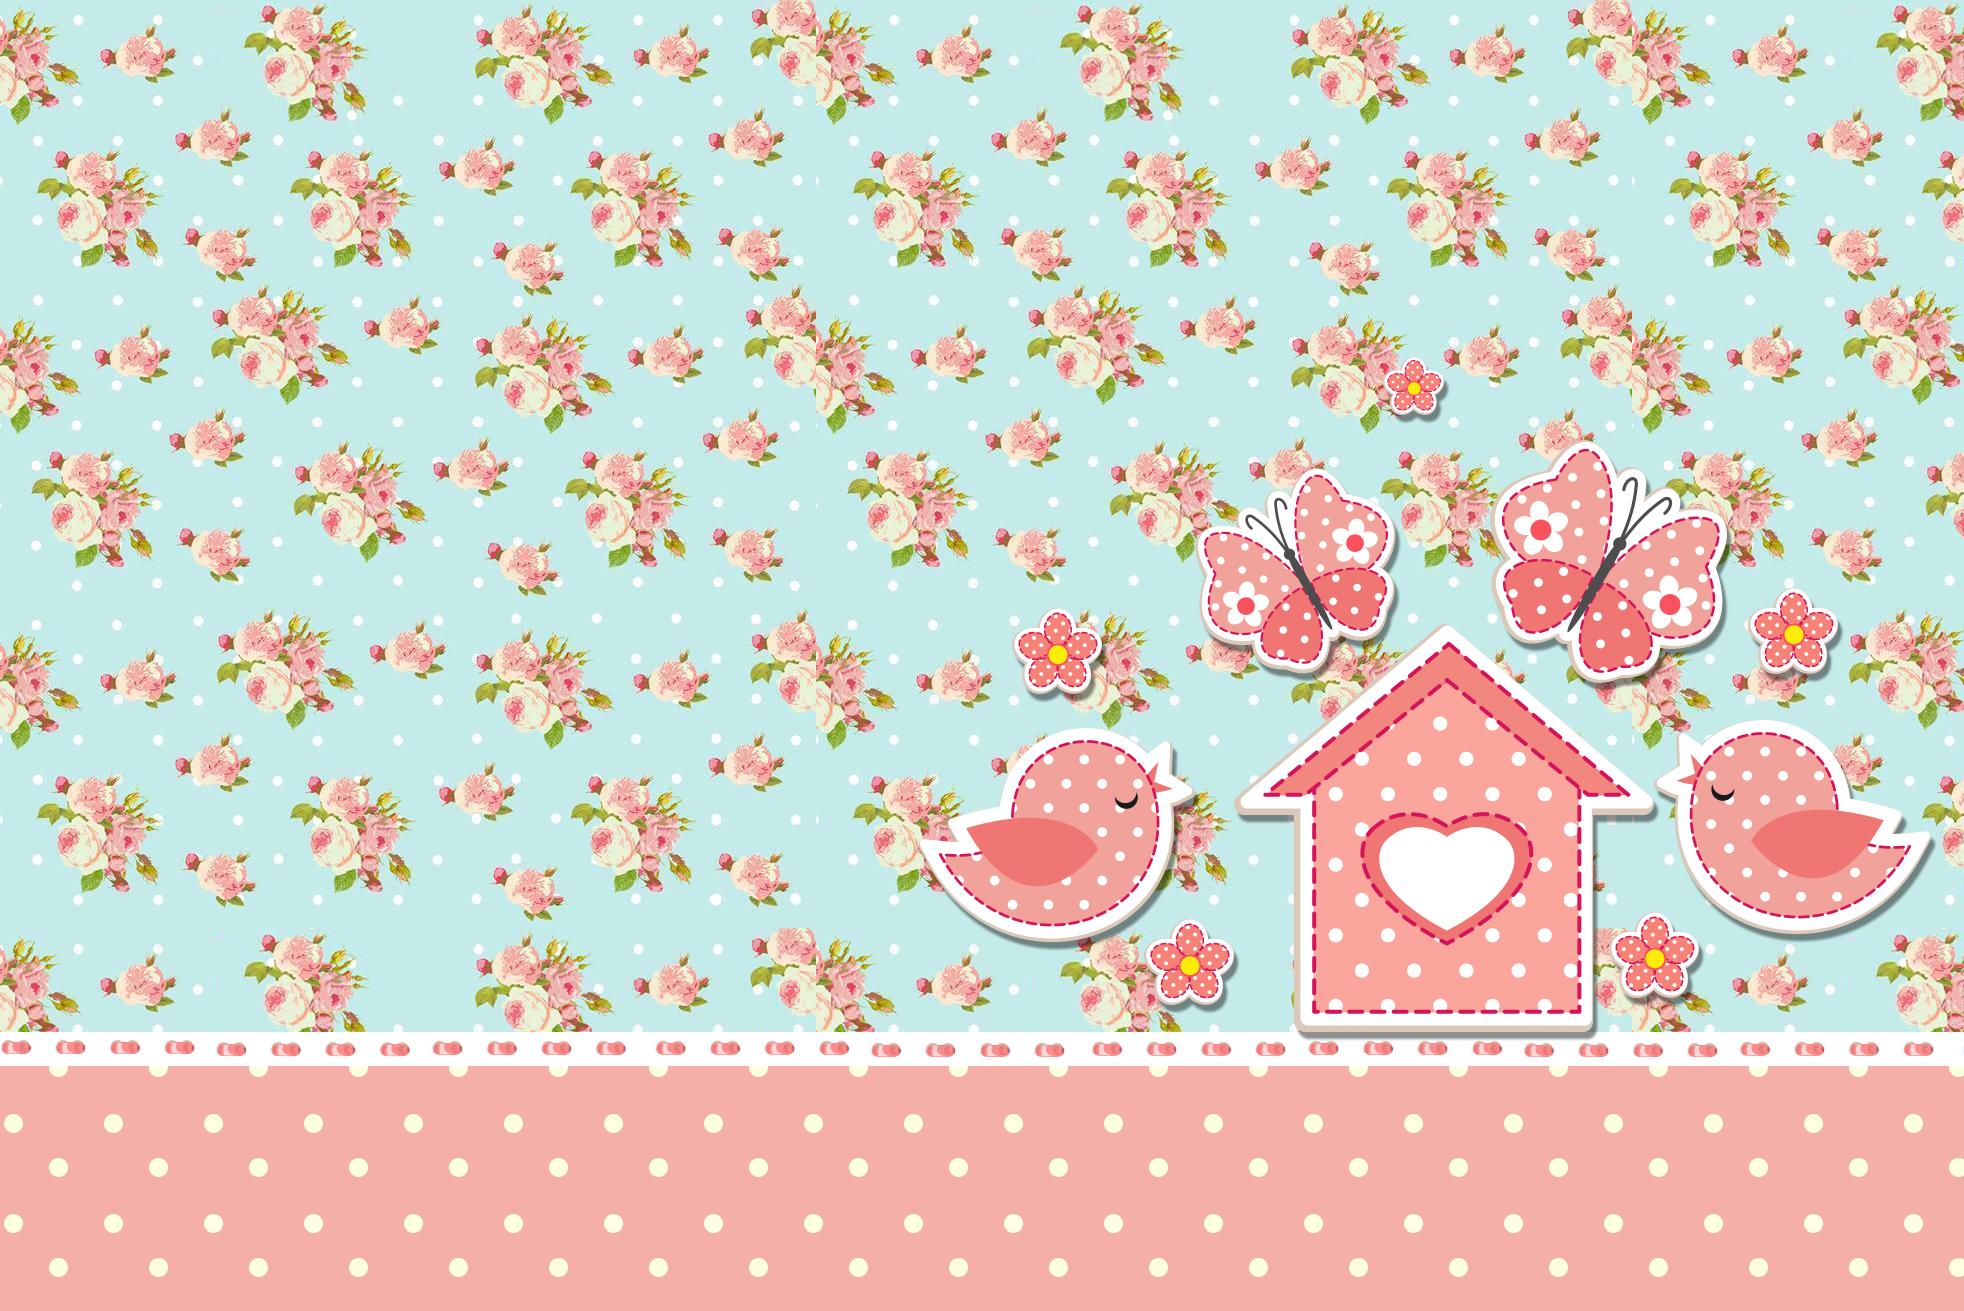 Moldura Convite e Cartão Jardim Encantado Vintage Floral: